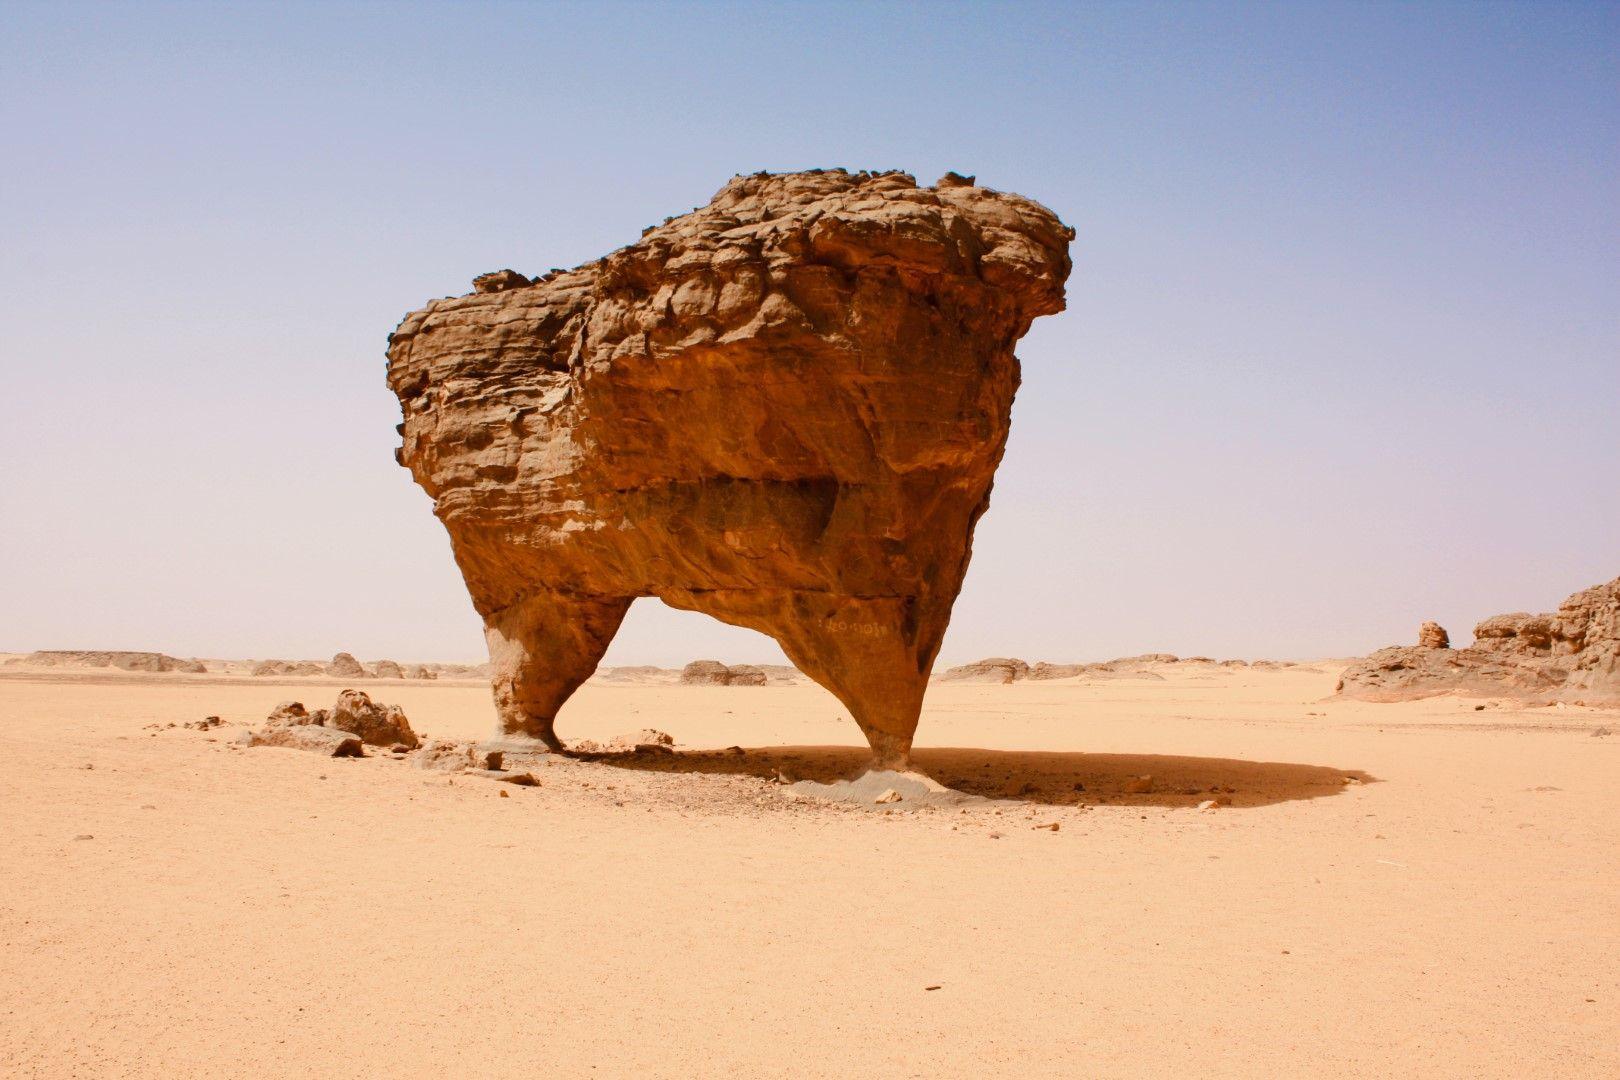 Тасили де Хугор - тази скала с необичайна форма балансира по този начин в алжирската част на Сахара от векове.